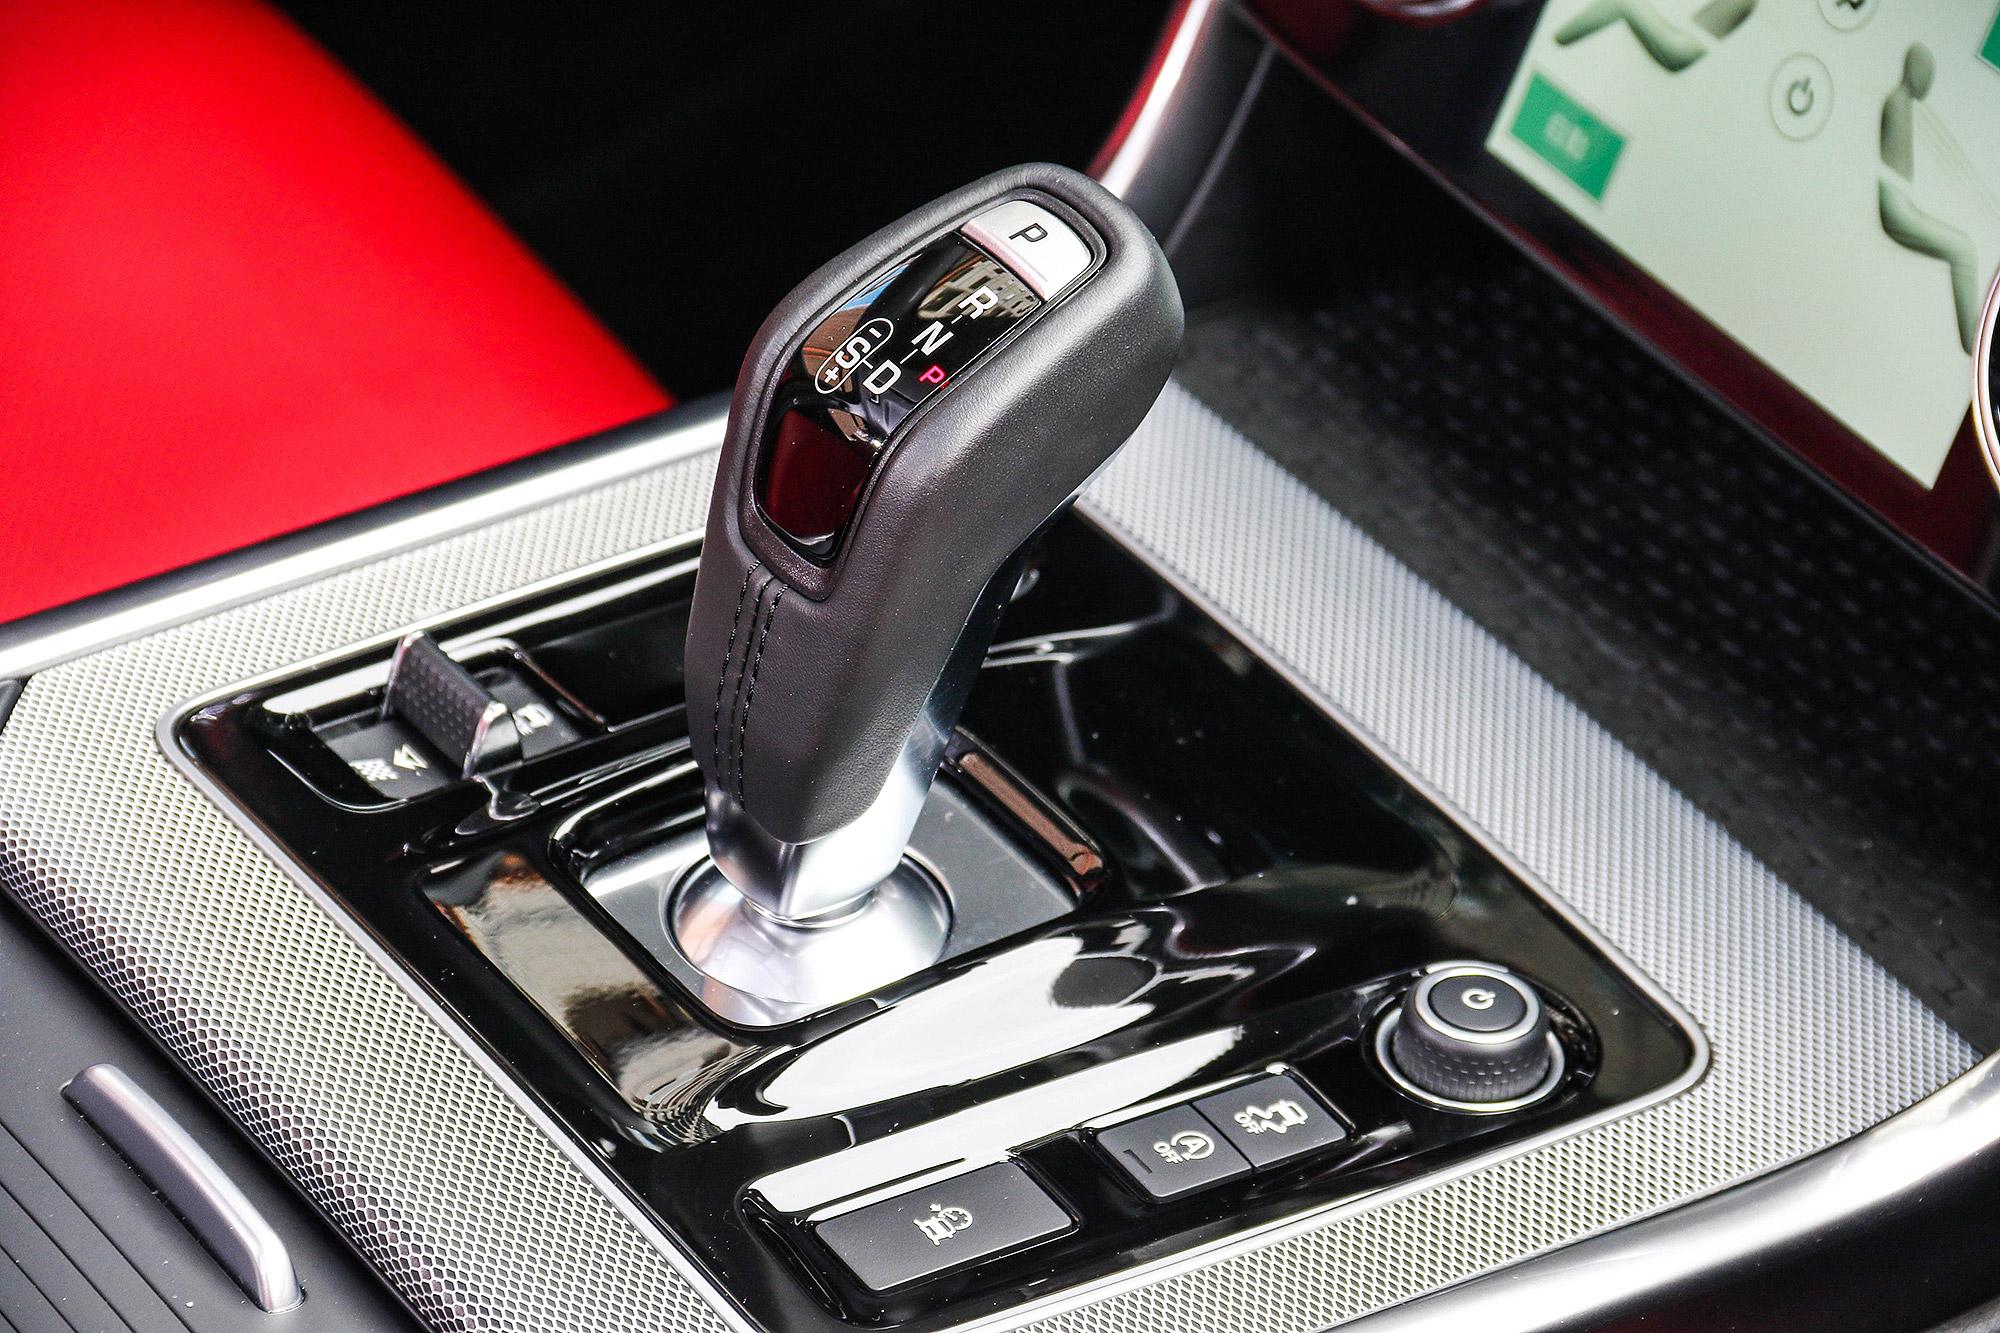 搭配的變速箱為 SportShift Gear Selector 式設計的 8 速手自排變速箱。